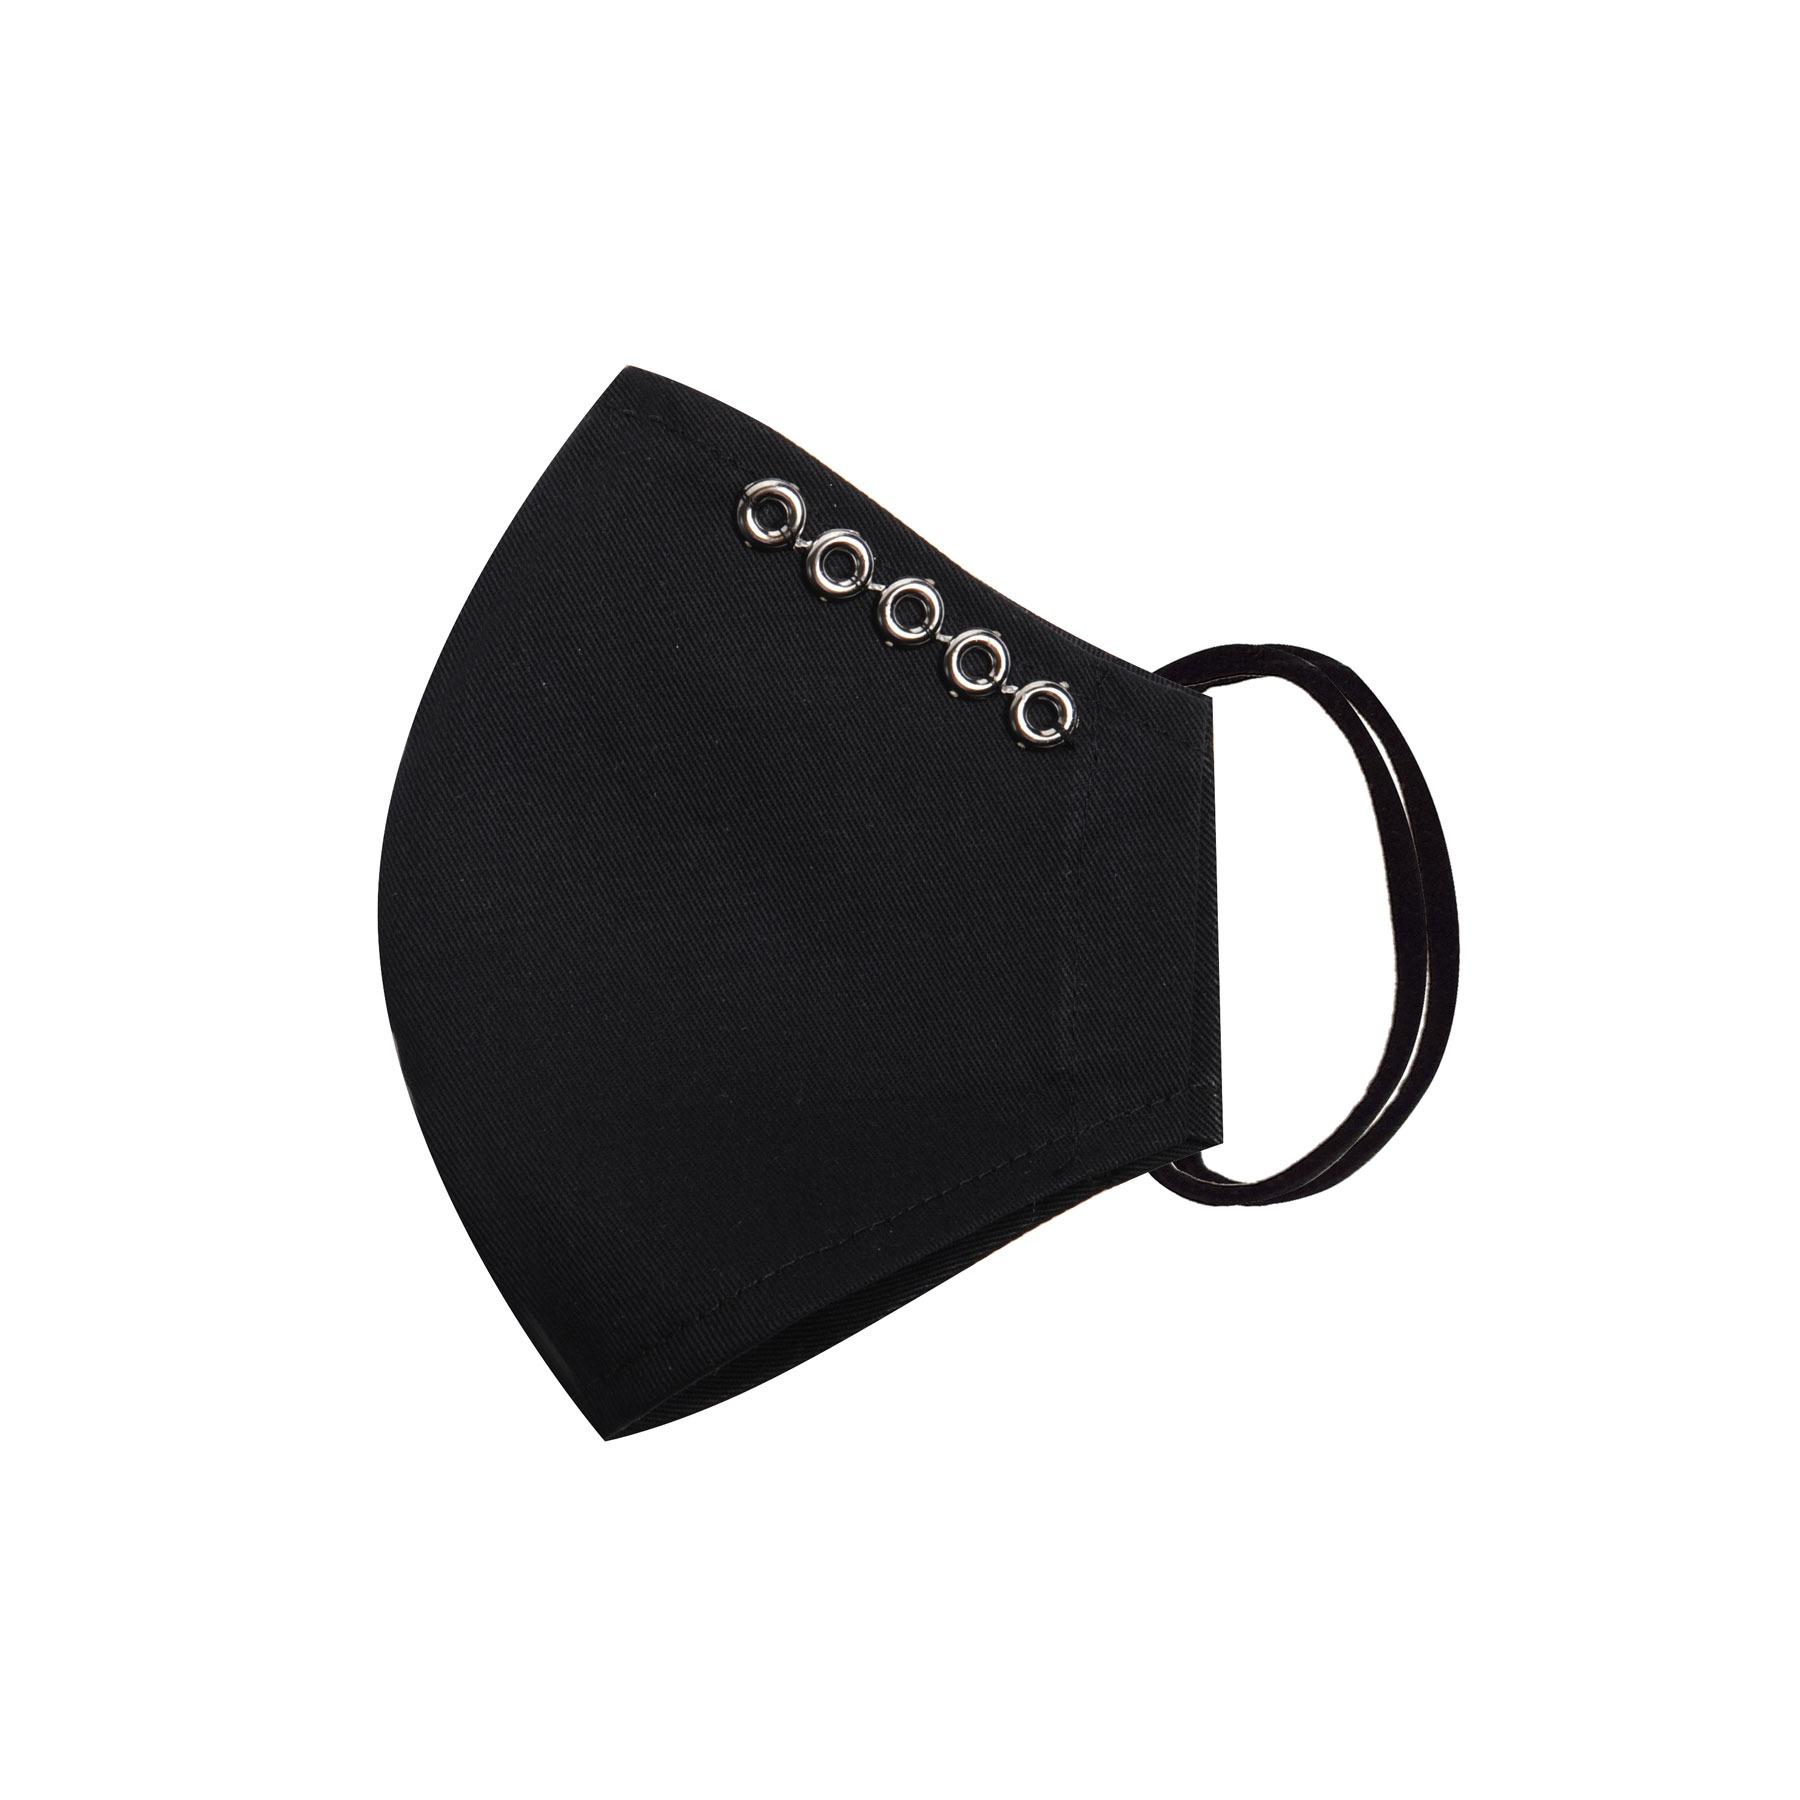 Módní bavlněné ústní roušky tvarované černé s očky, třívrstvé s filtrem a s gumičkami dámské